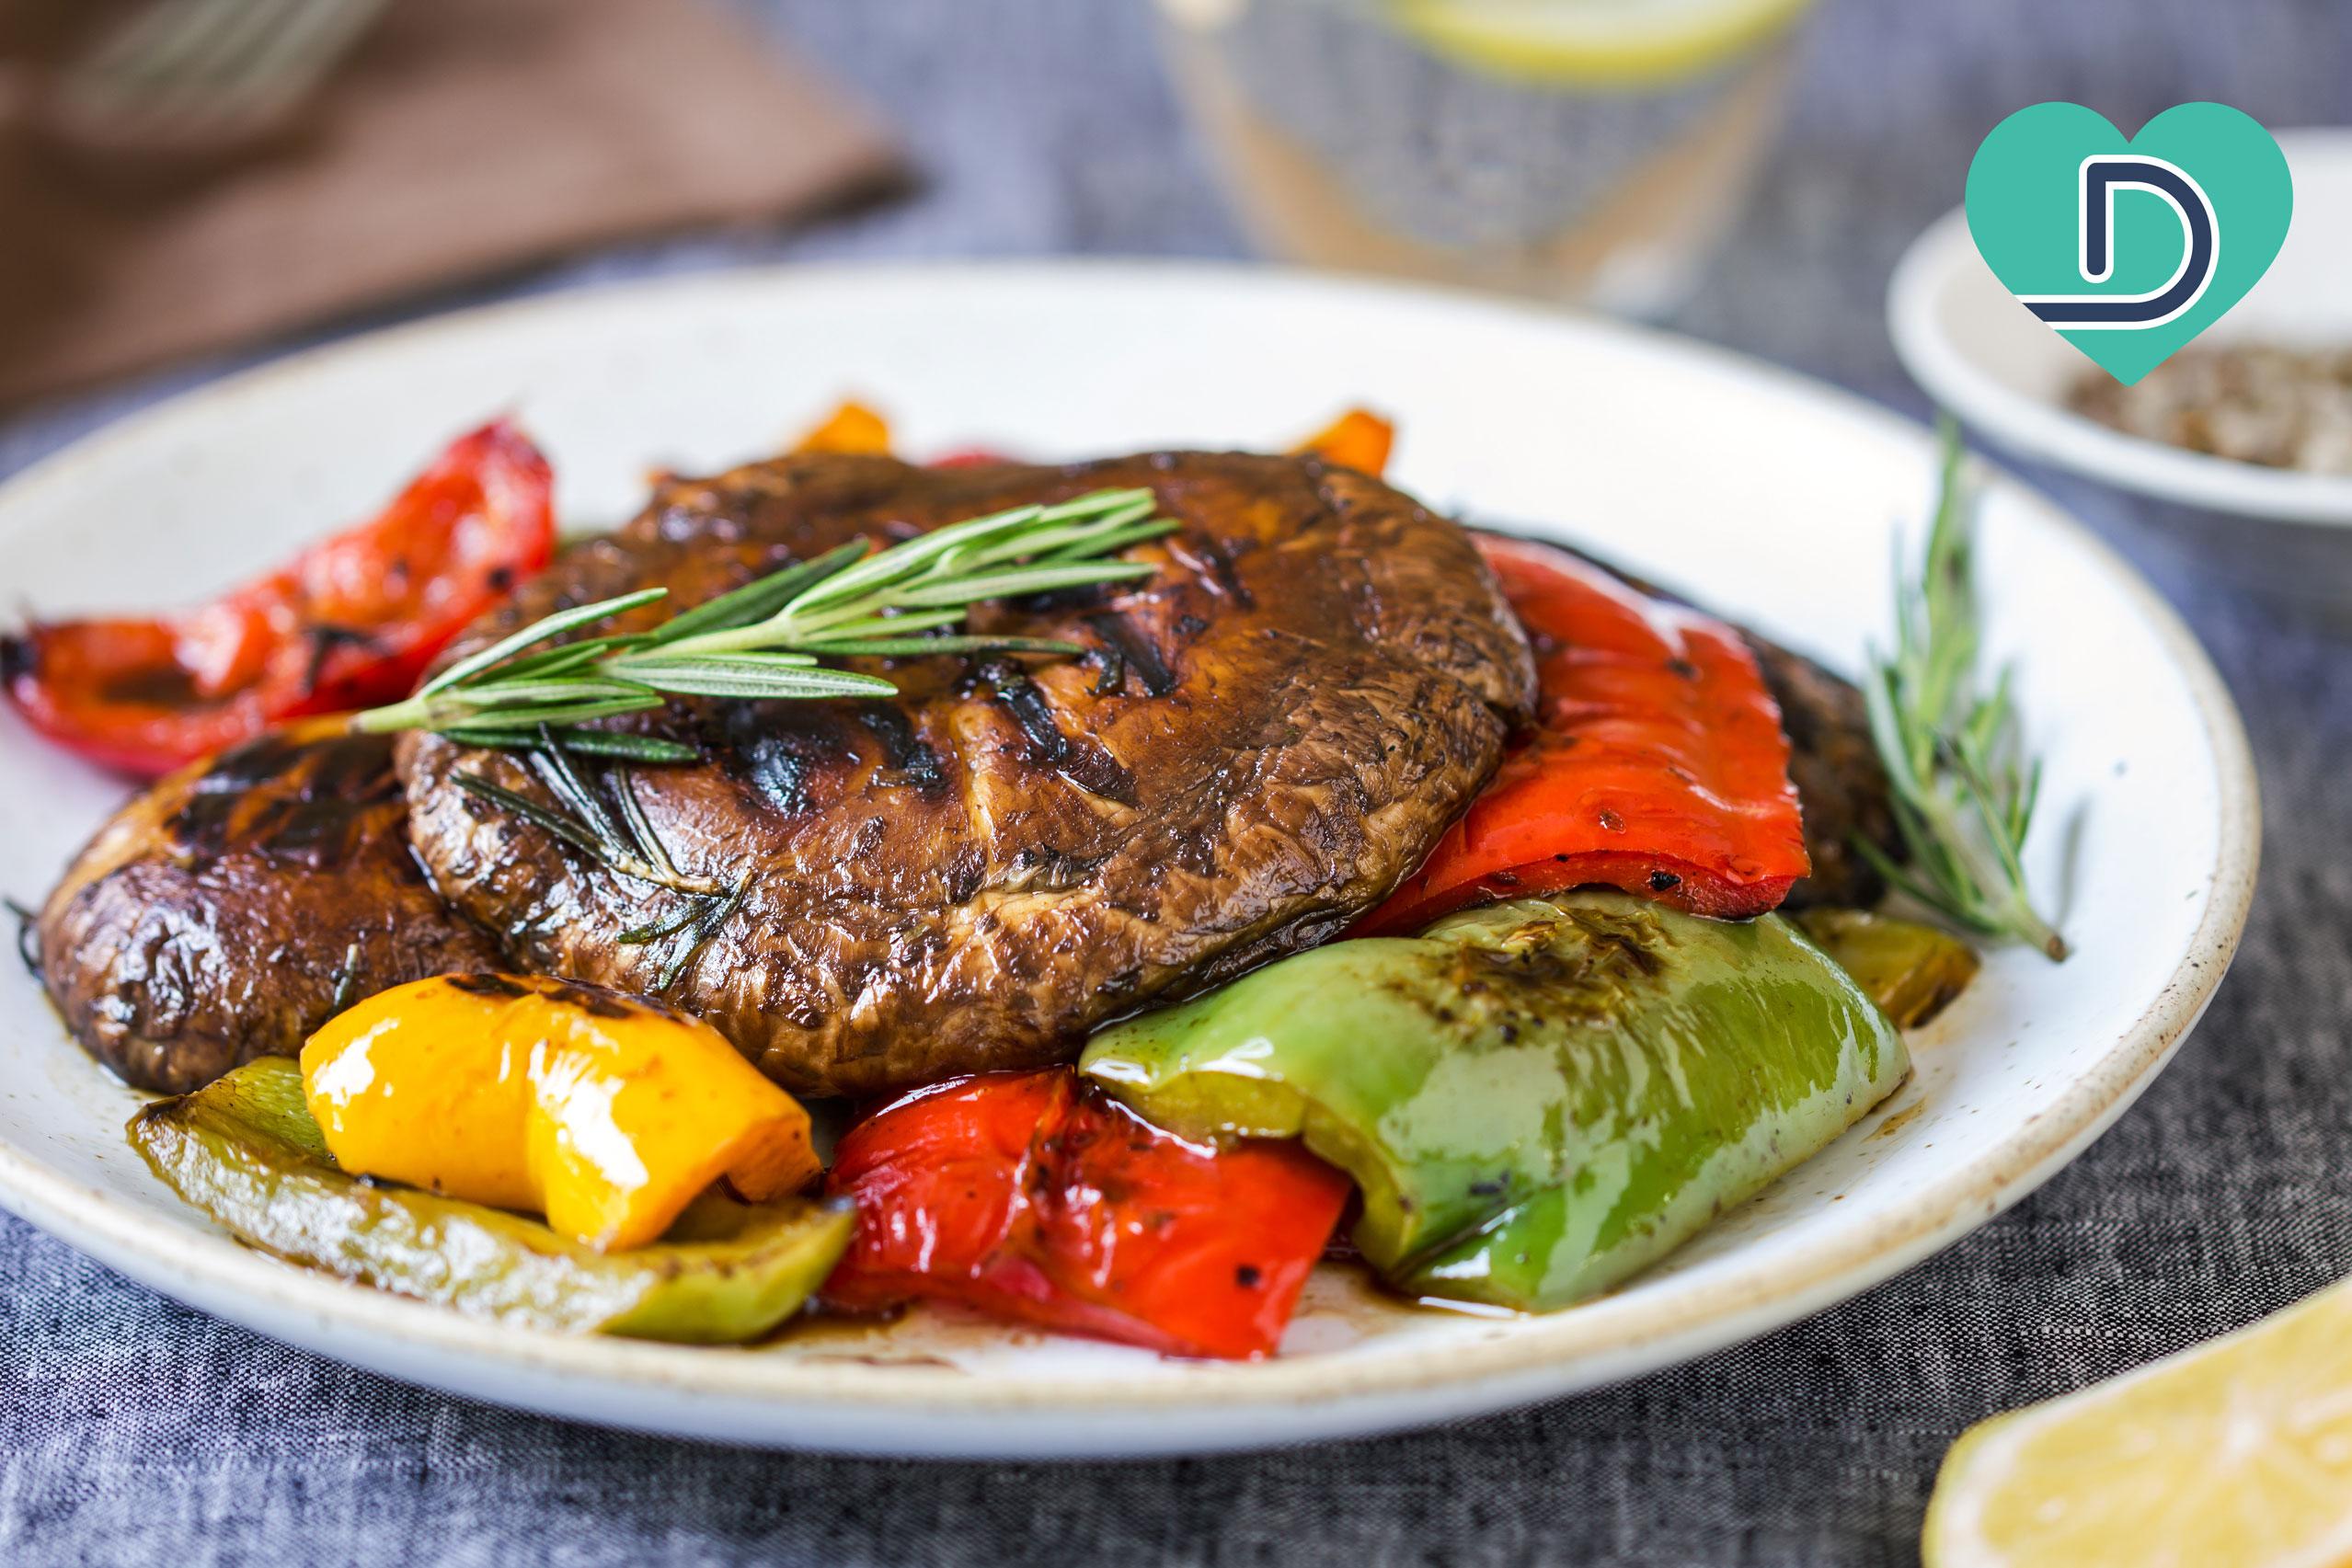 Dr. Dave's Tasty Portobello Steaks